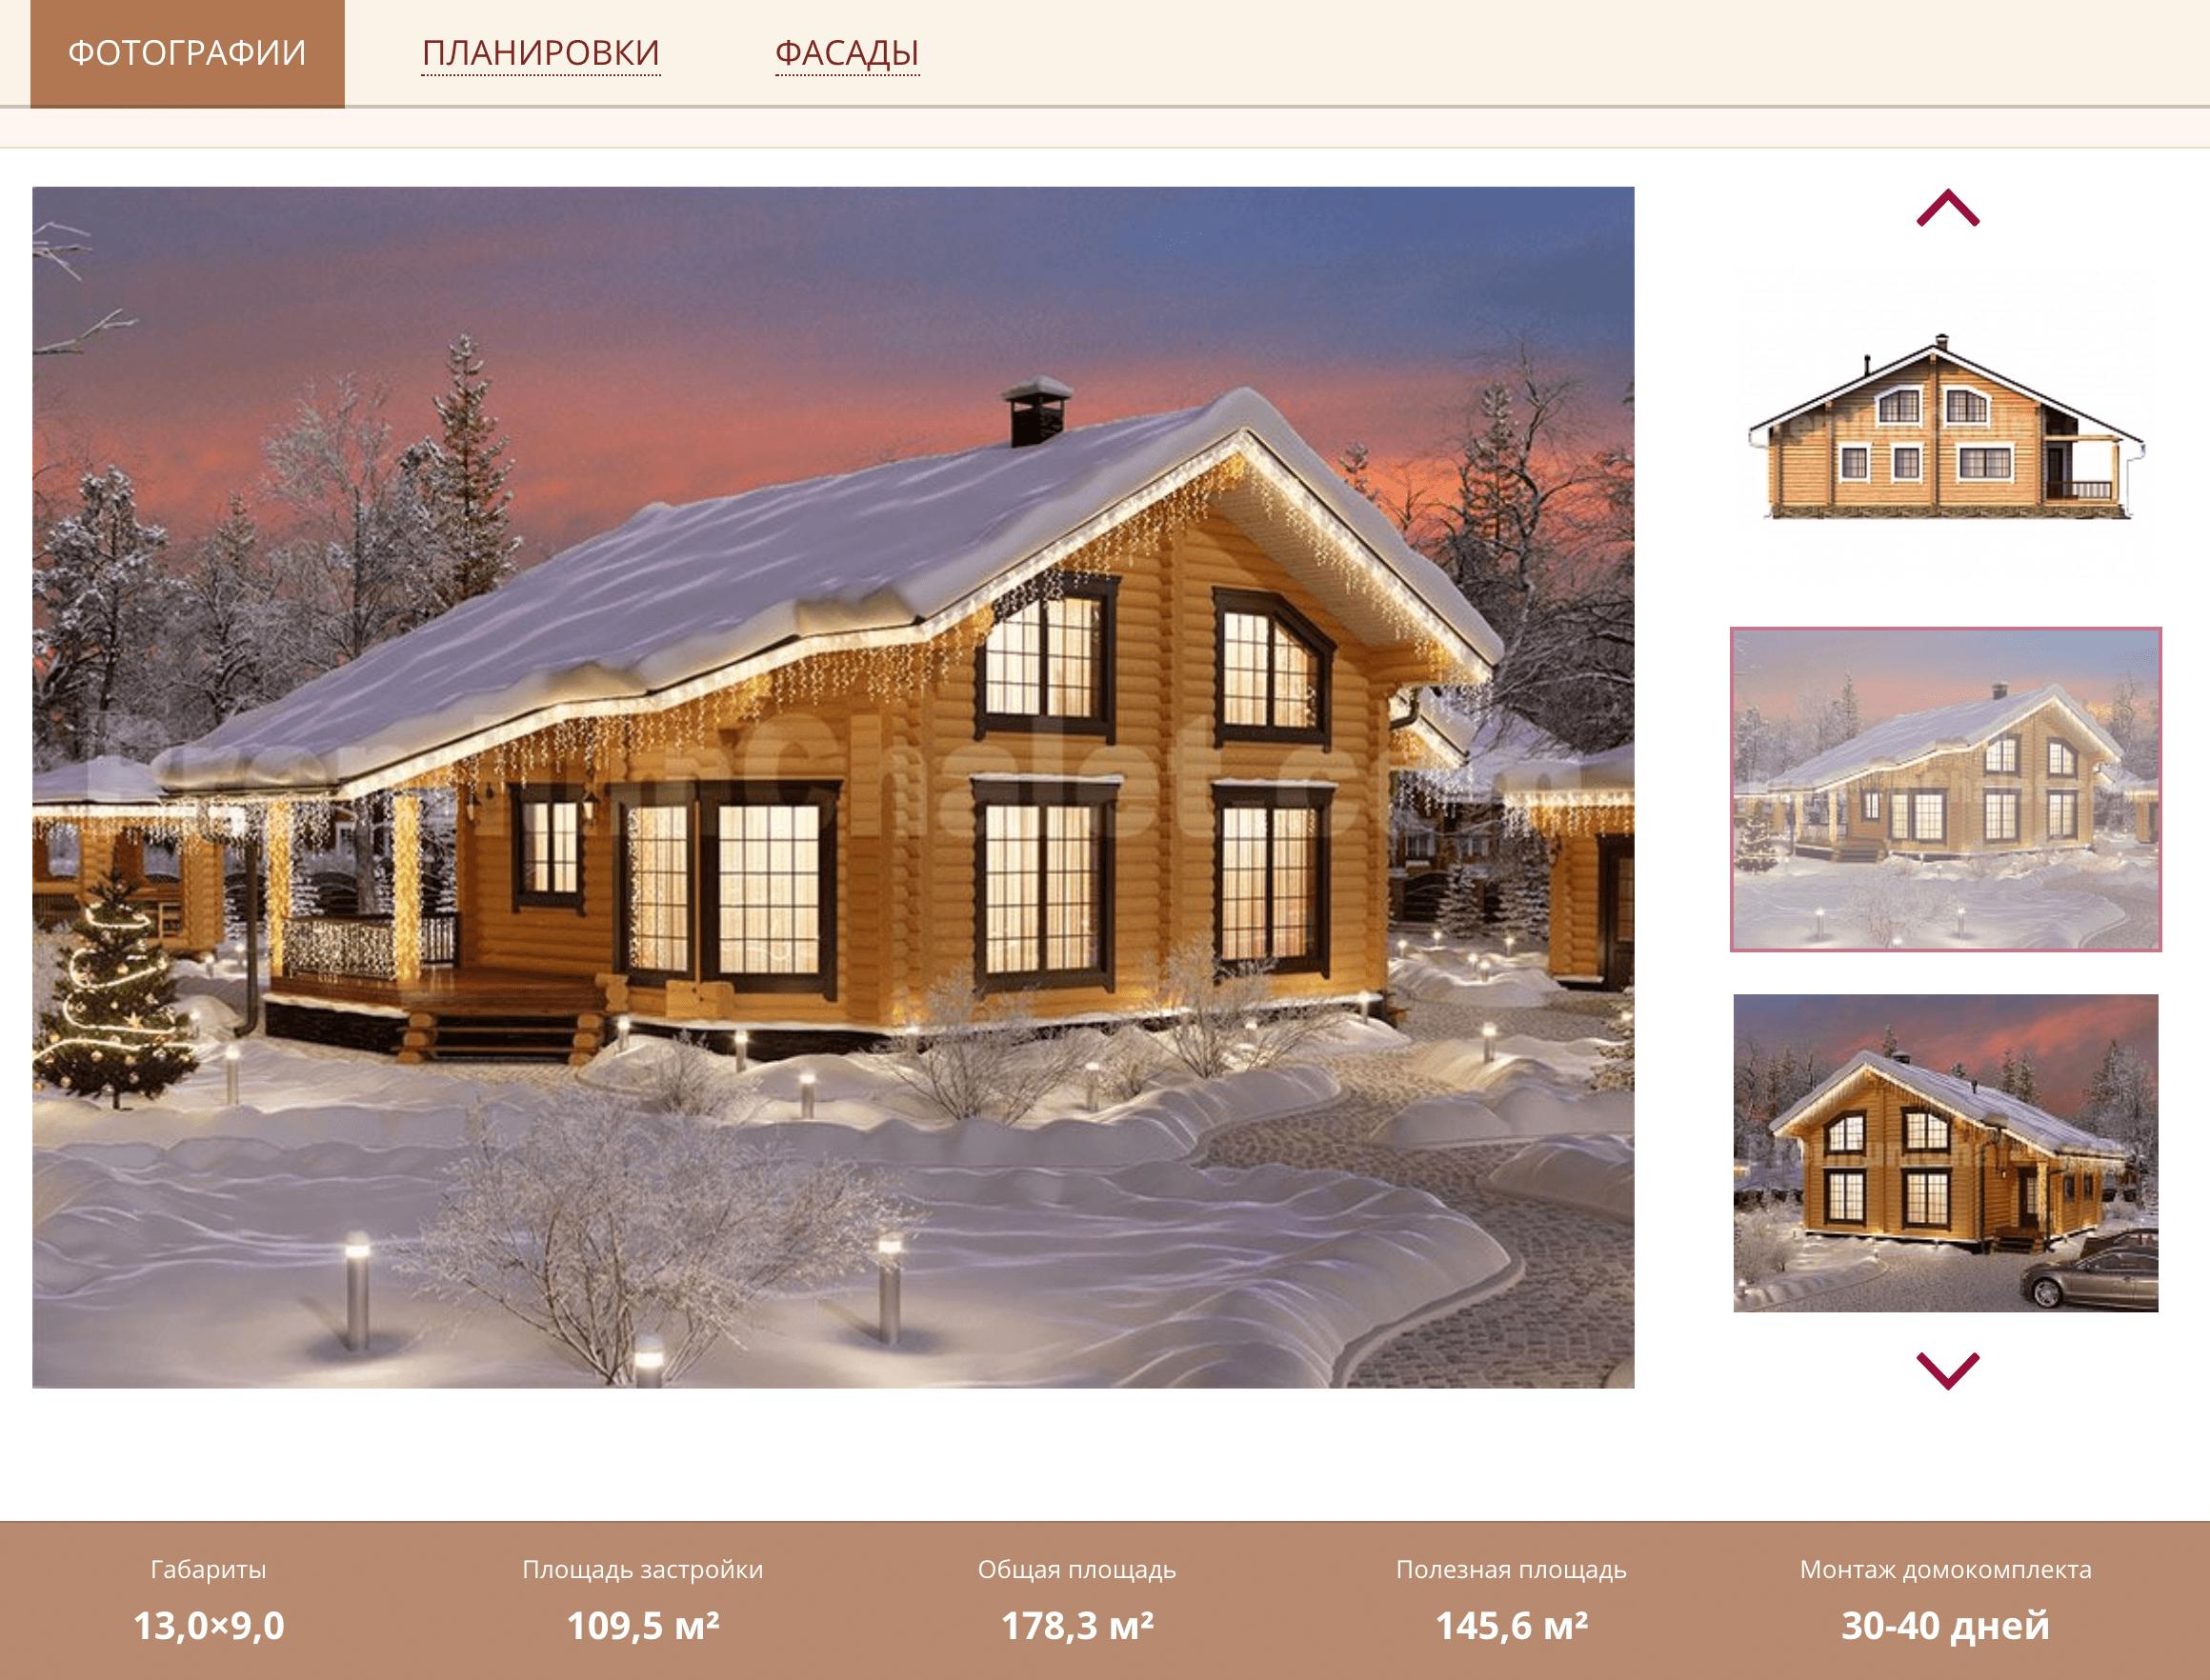 Страница проекта нашего дома на сайте подрядчика. Источник: сайт premiumchalet.com